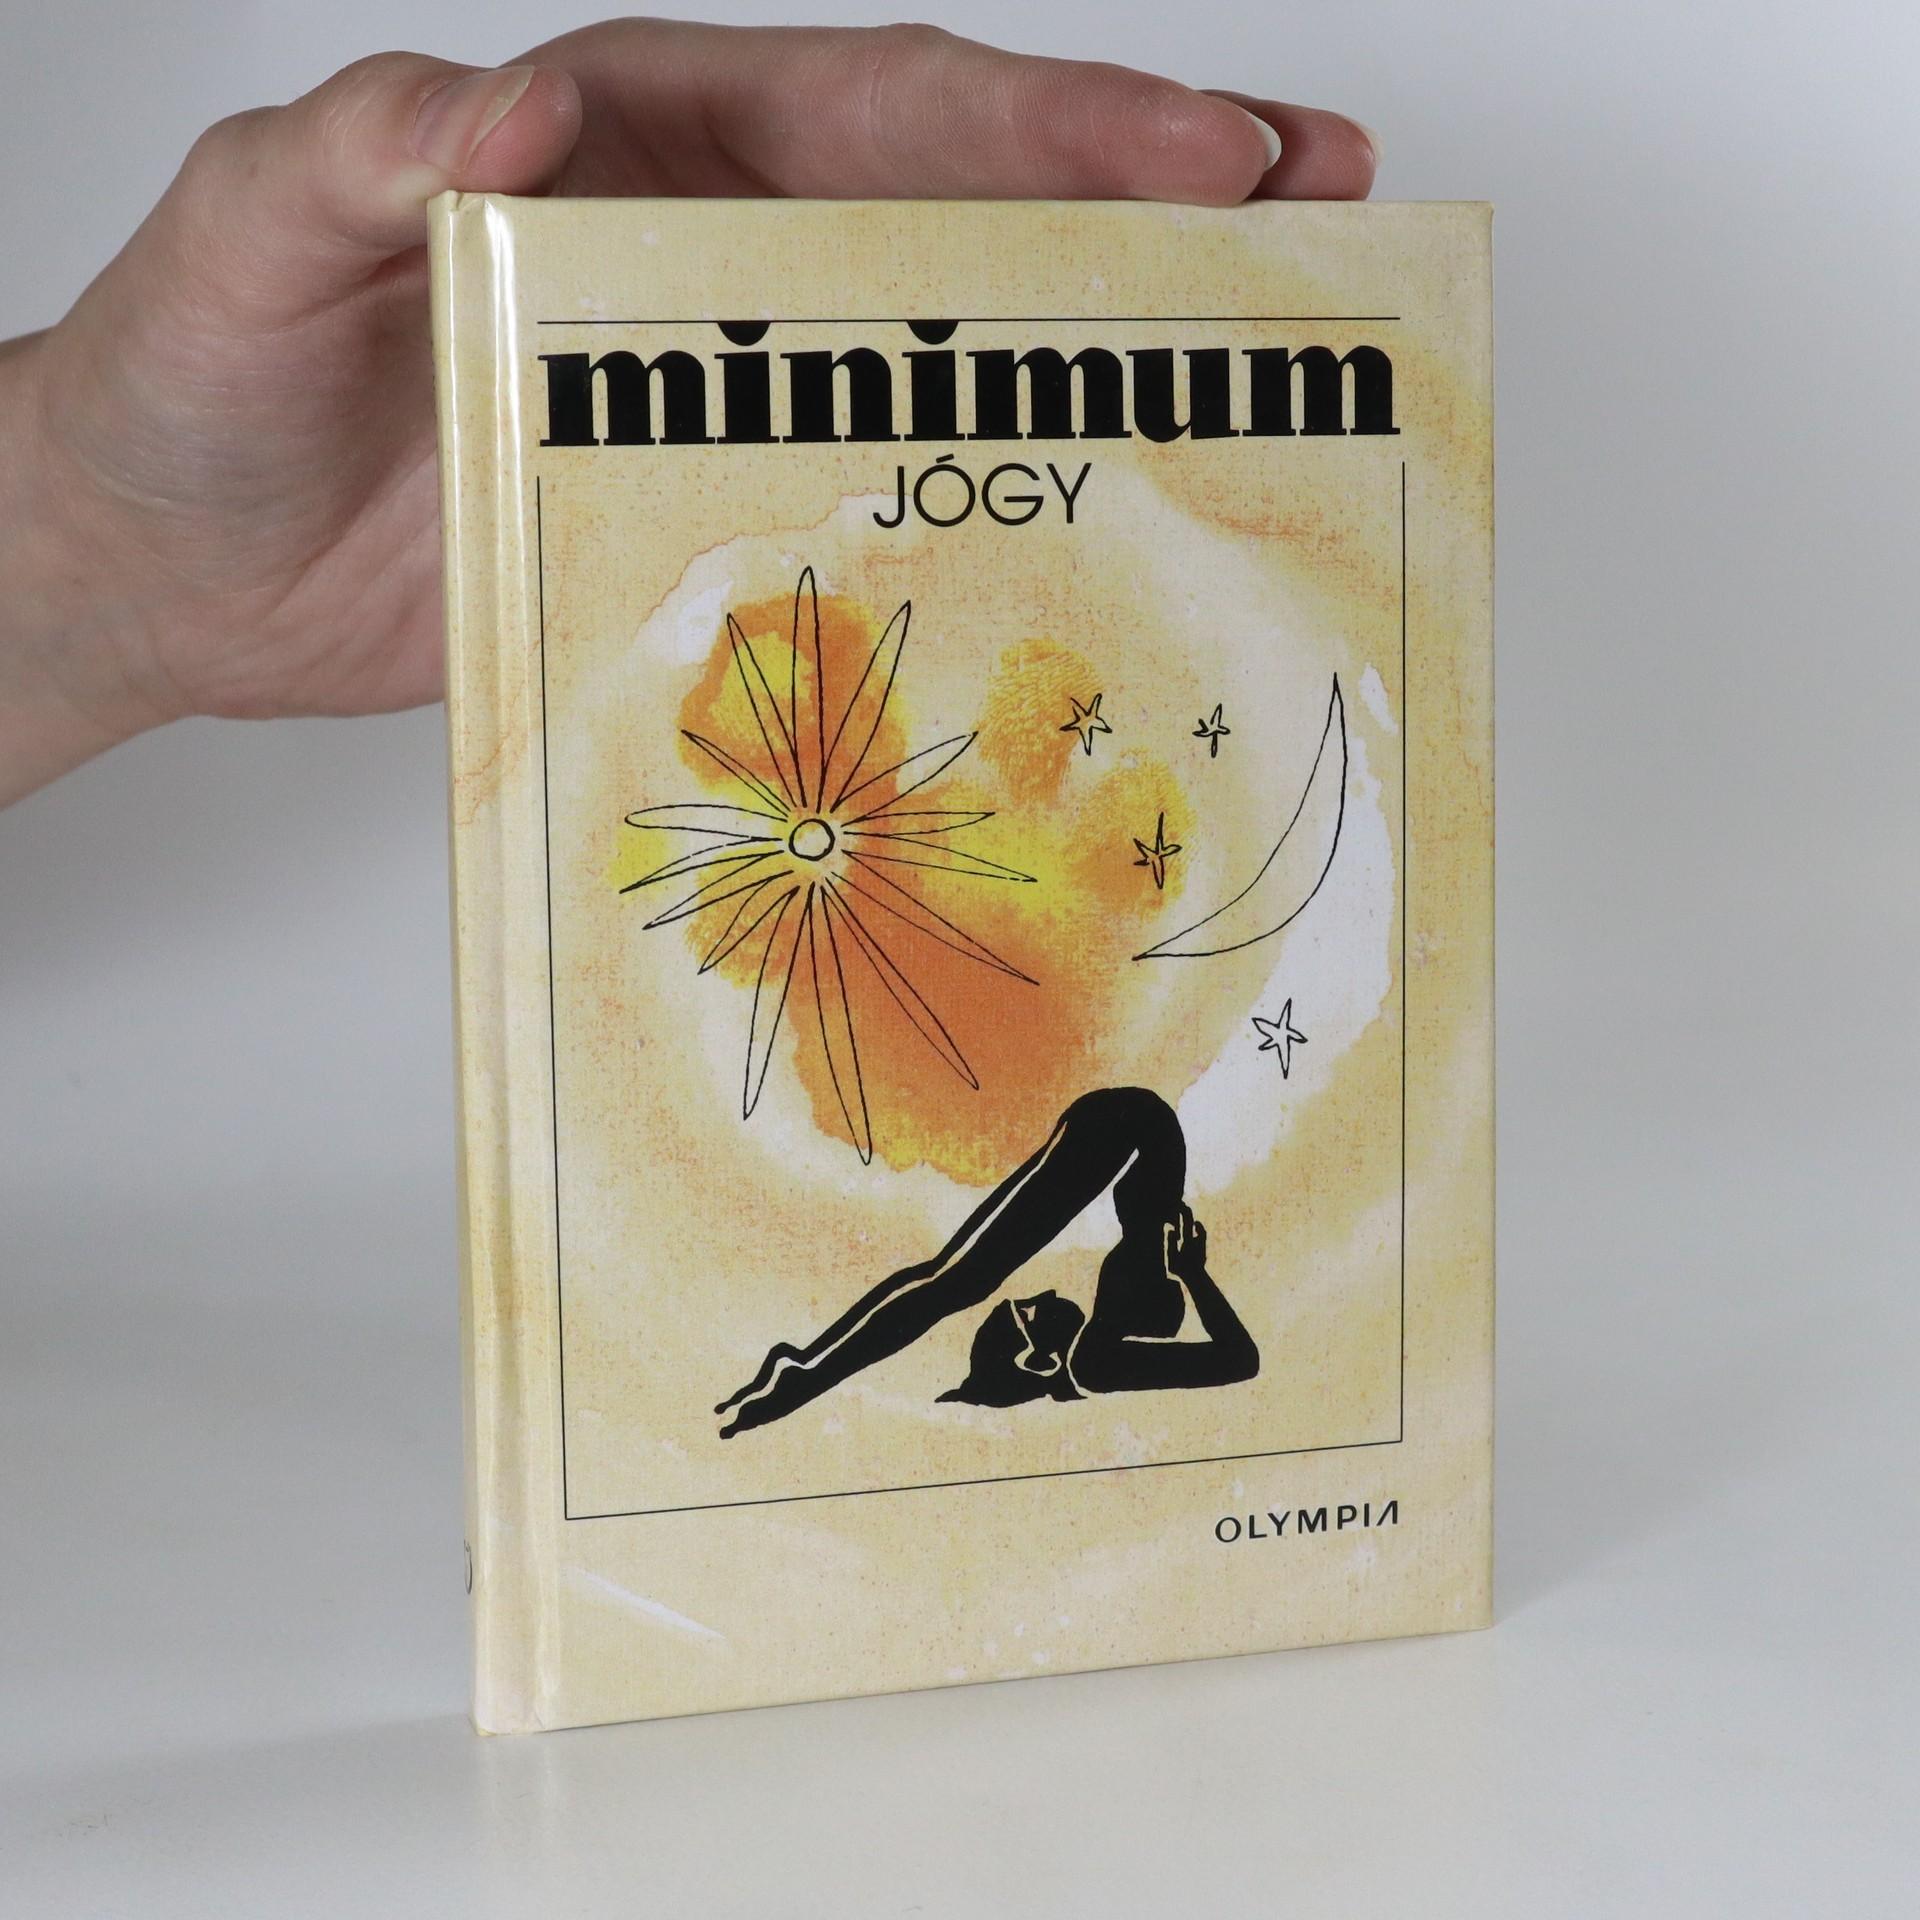 antikvární kniha Minimum jógy, 1998